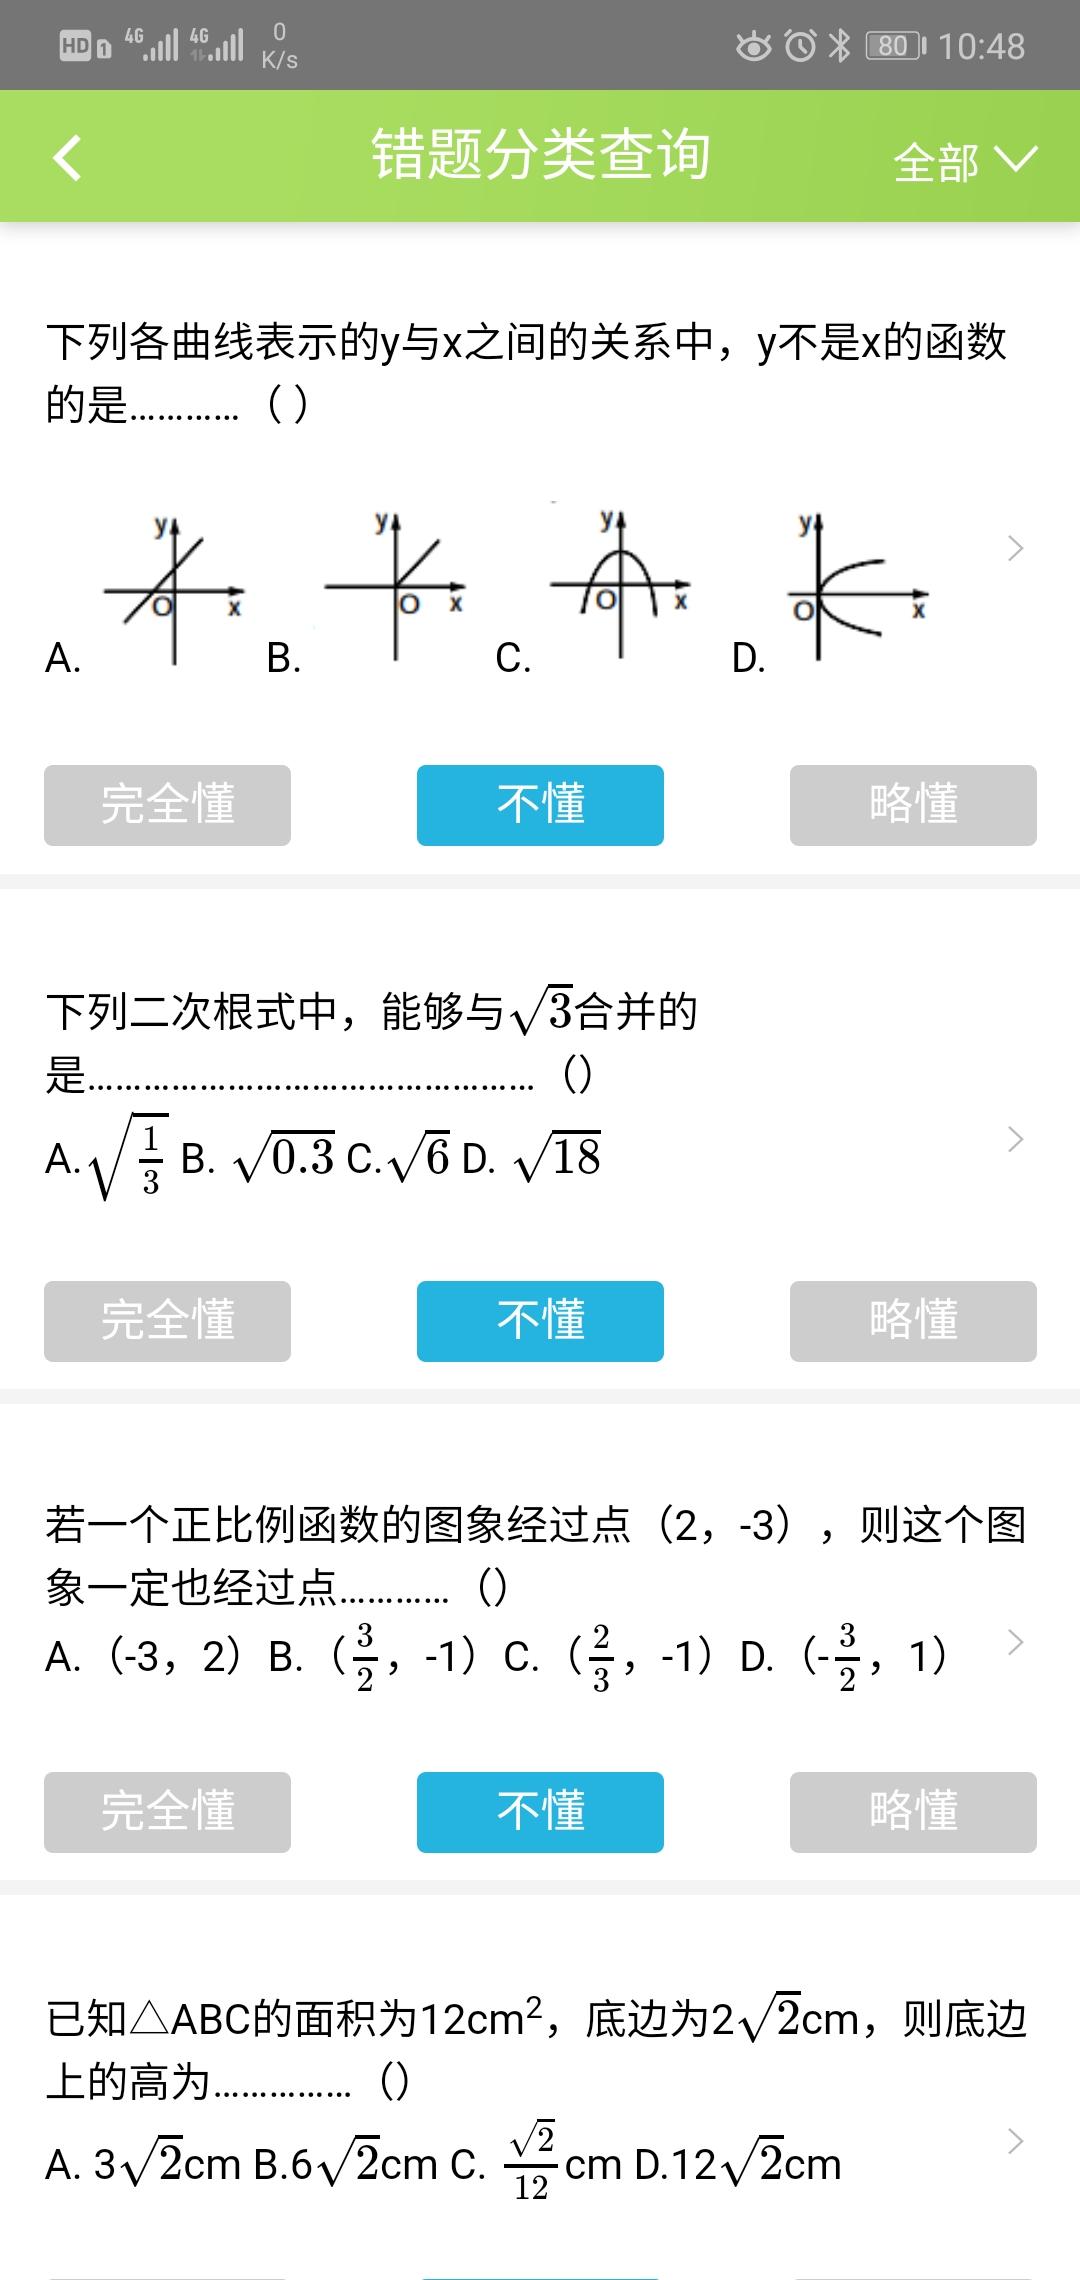 云松学生空间app学习平台v1.0.14完整版截图0